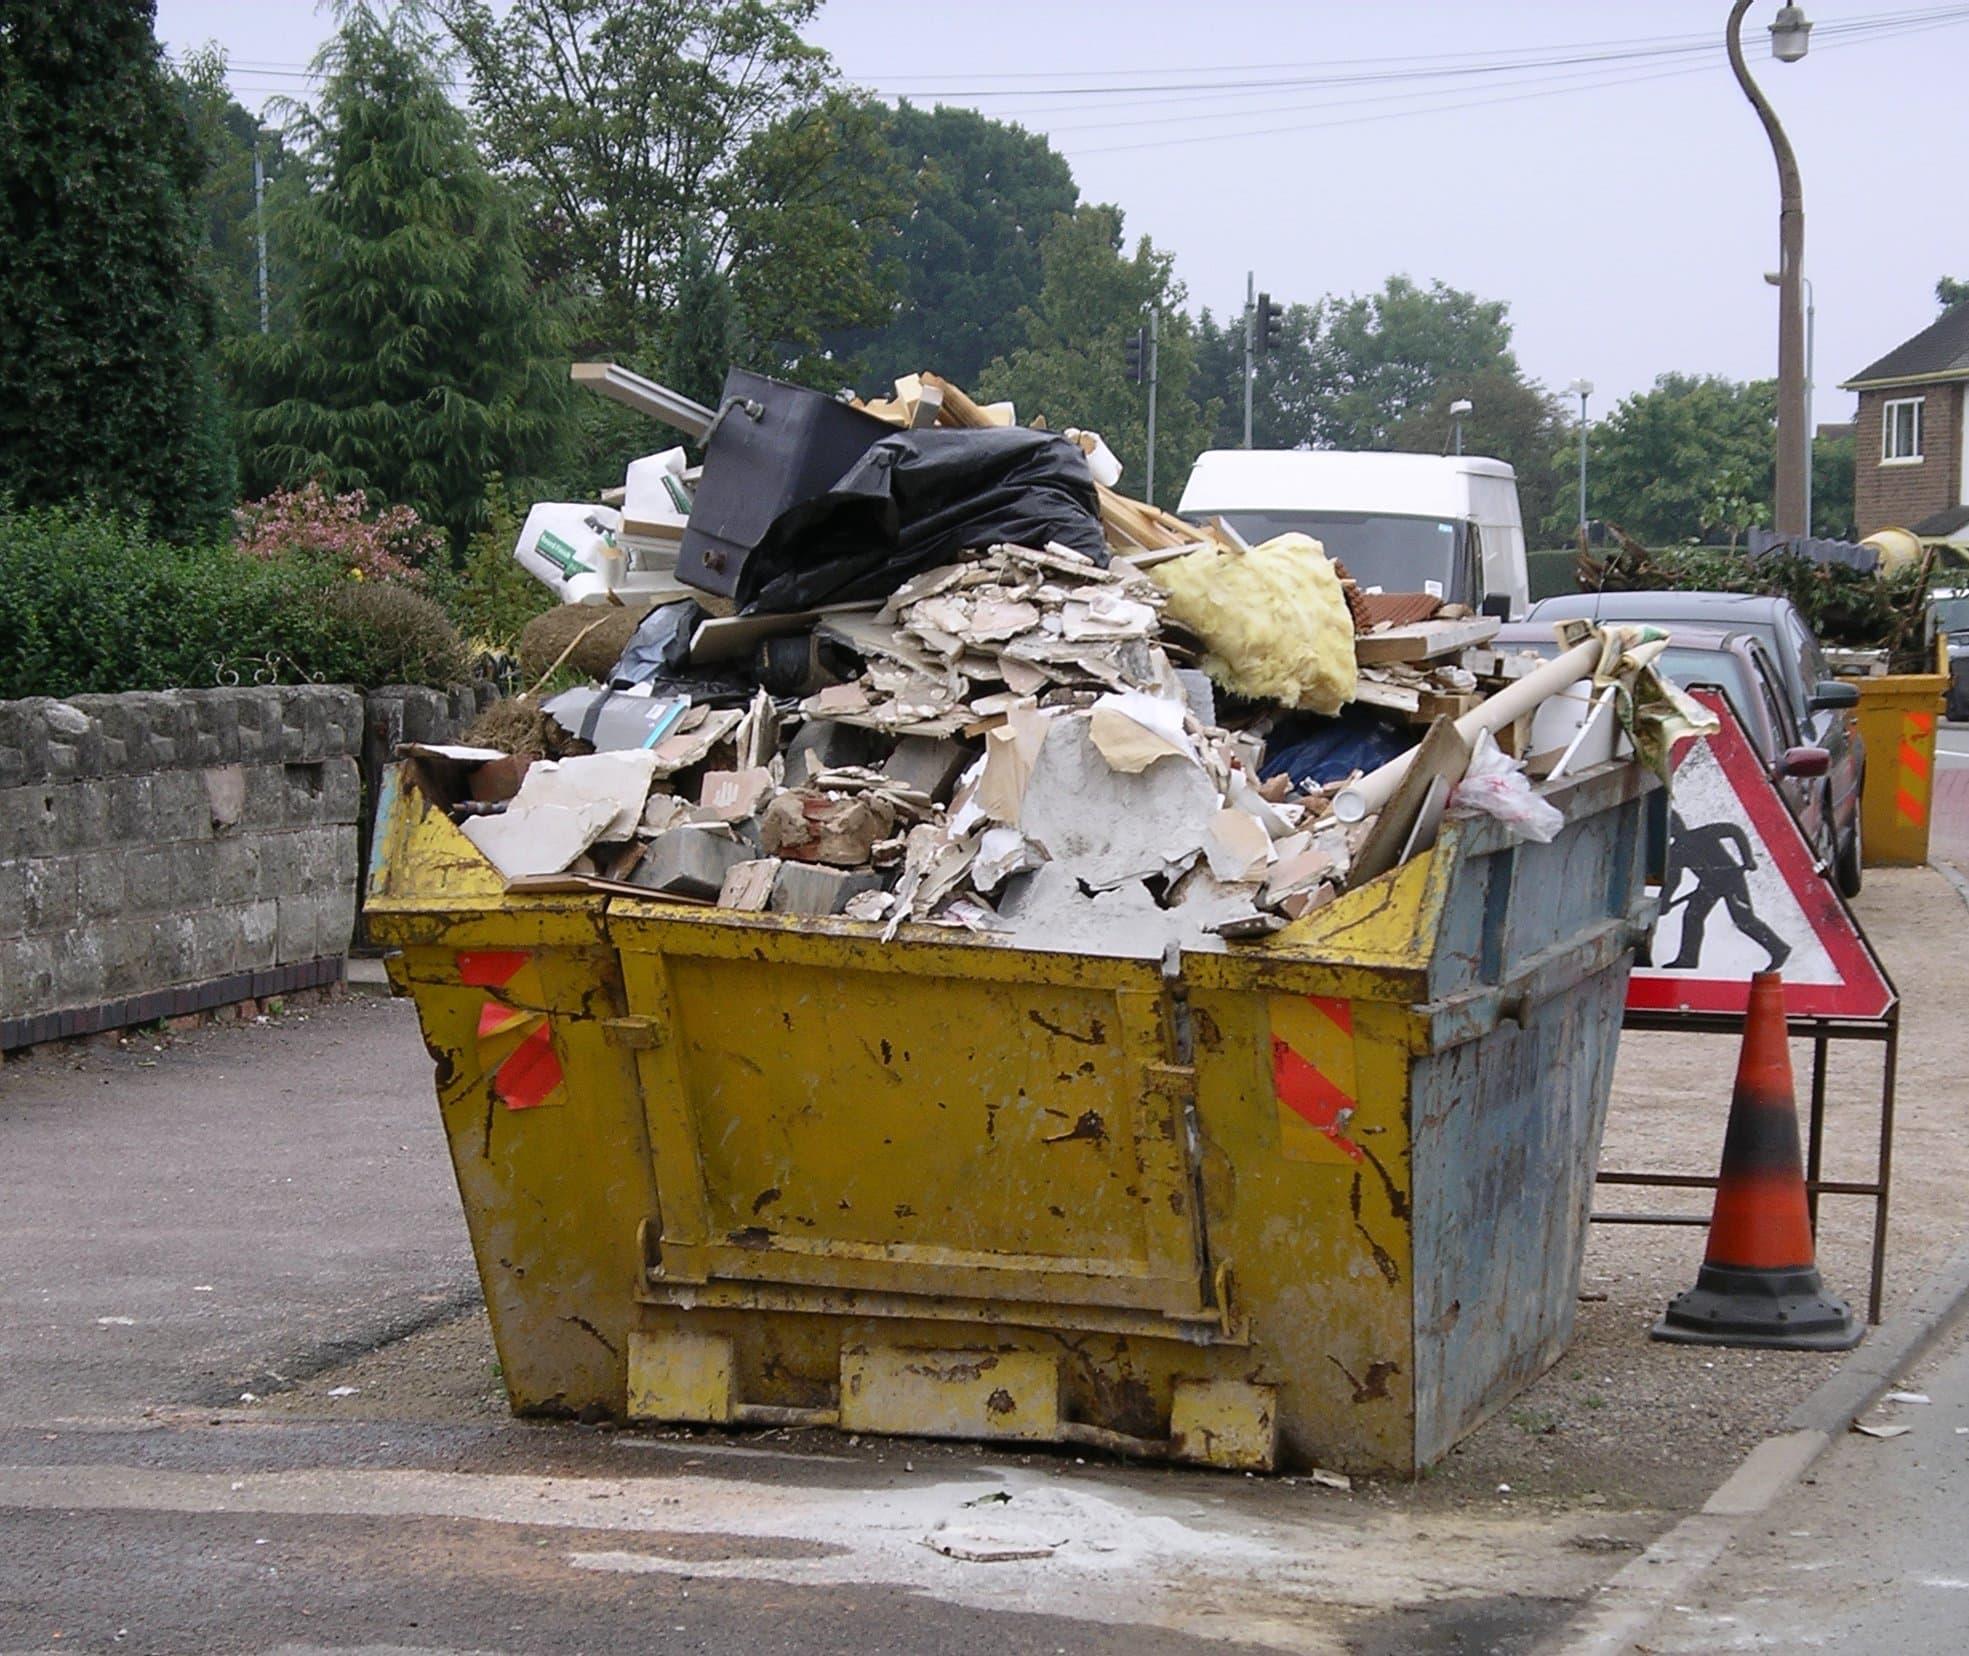 yellow skip containing rubbish